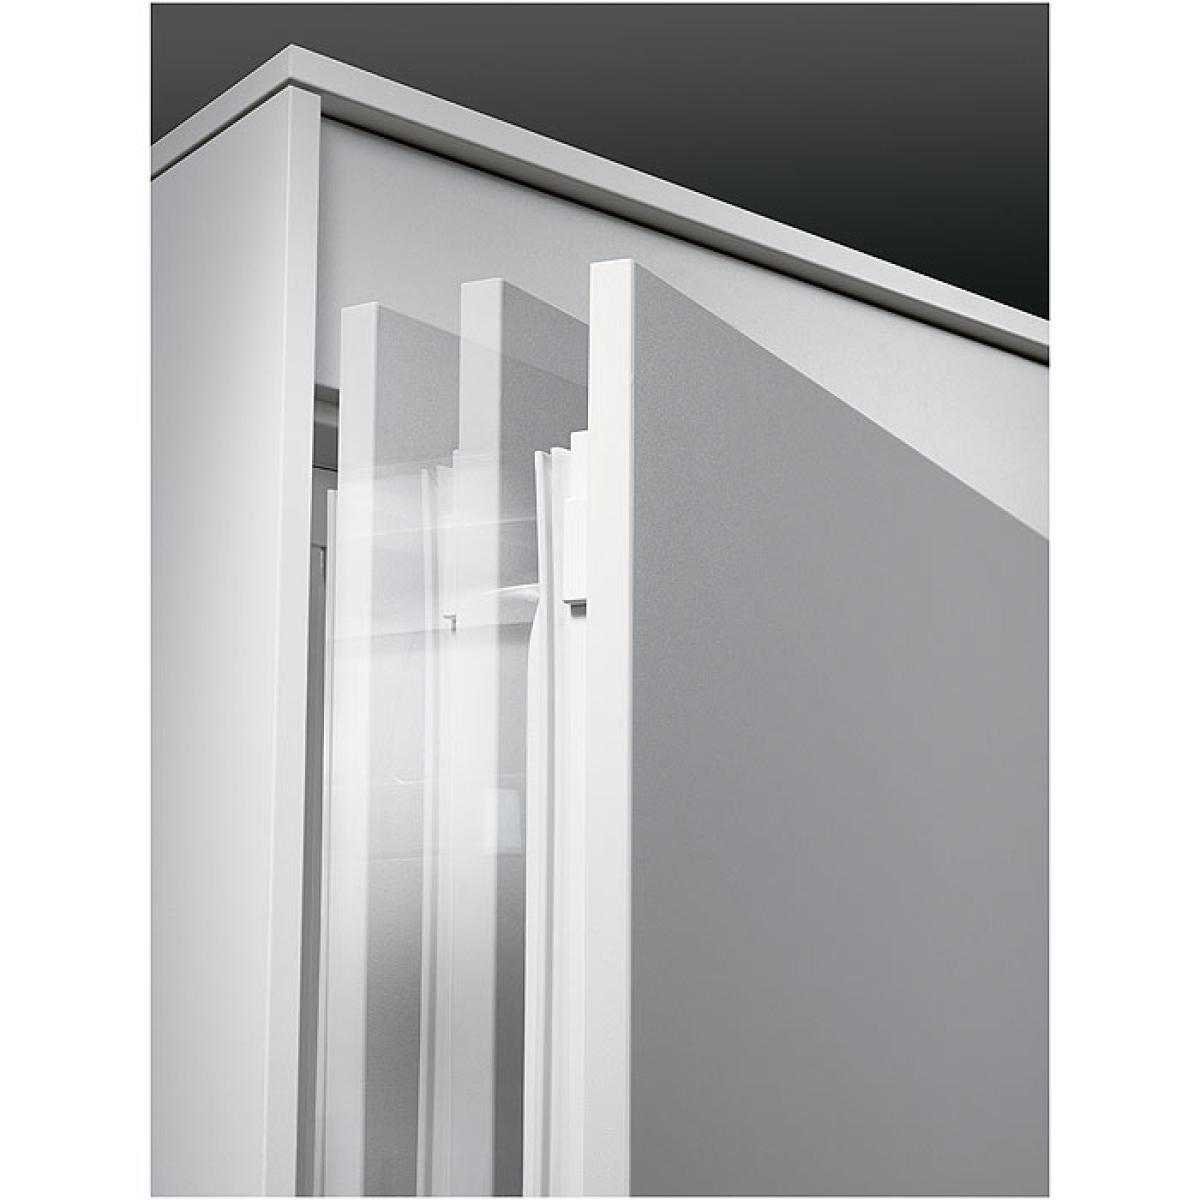 aeg ske88861ac einbauk hlschrank ohne gefrierfach 88cm. Black Bedroom Furniture Sets. Home Design Ideas